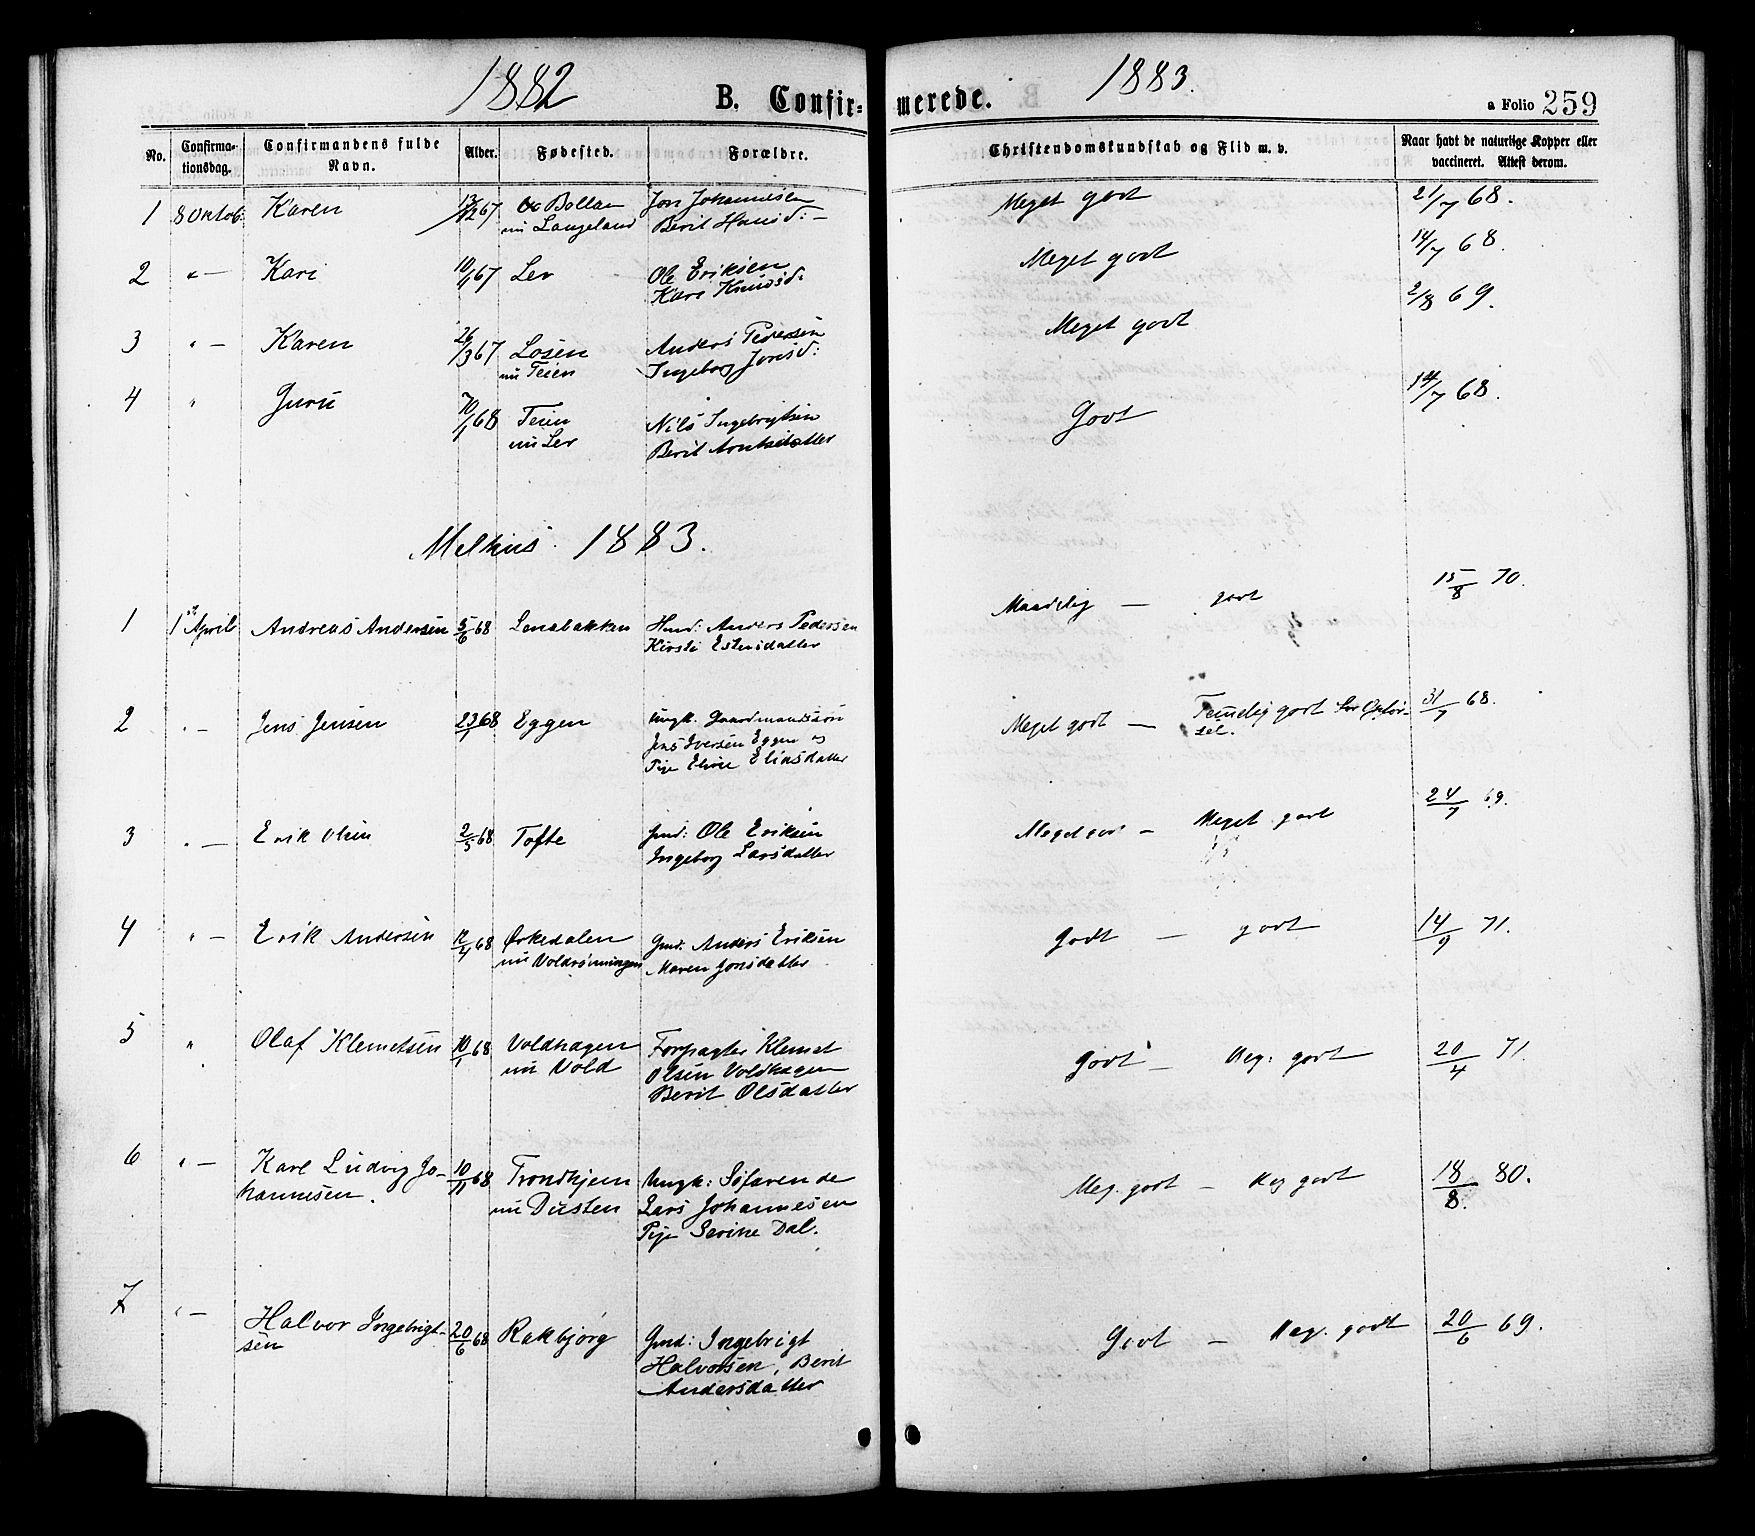 SAT, Ministerialprotokoller, klokkerbøker og fødselsregistre - Sør-Trøndelag, 691/L1079: Ministerialbok nr. 691A11, 1873-1886, s. 259a